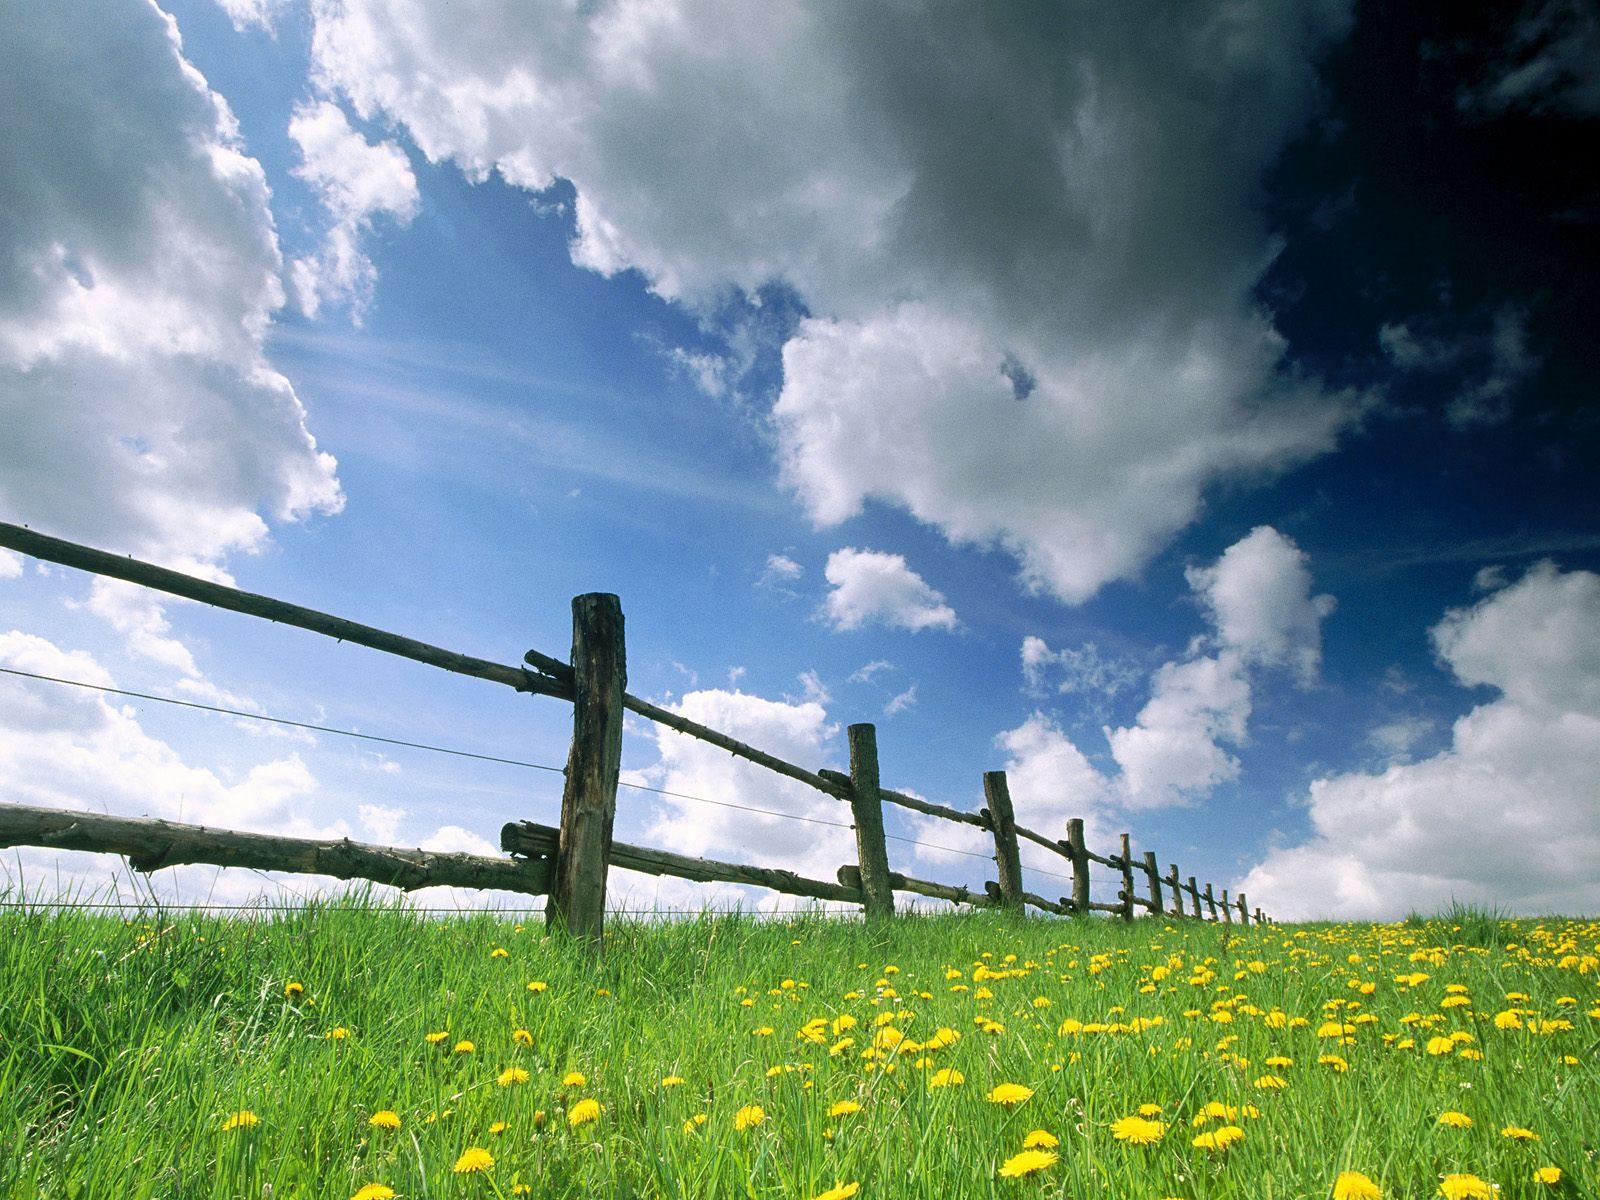 lente achtergronden hd - photo #35